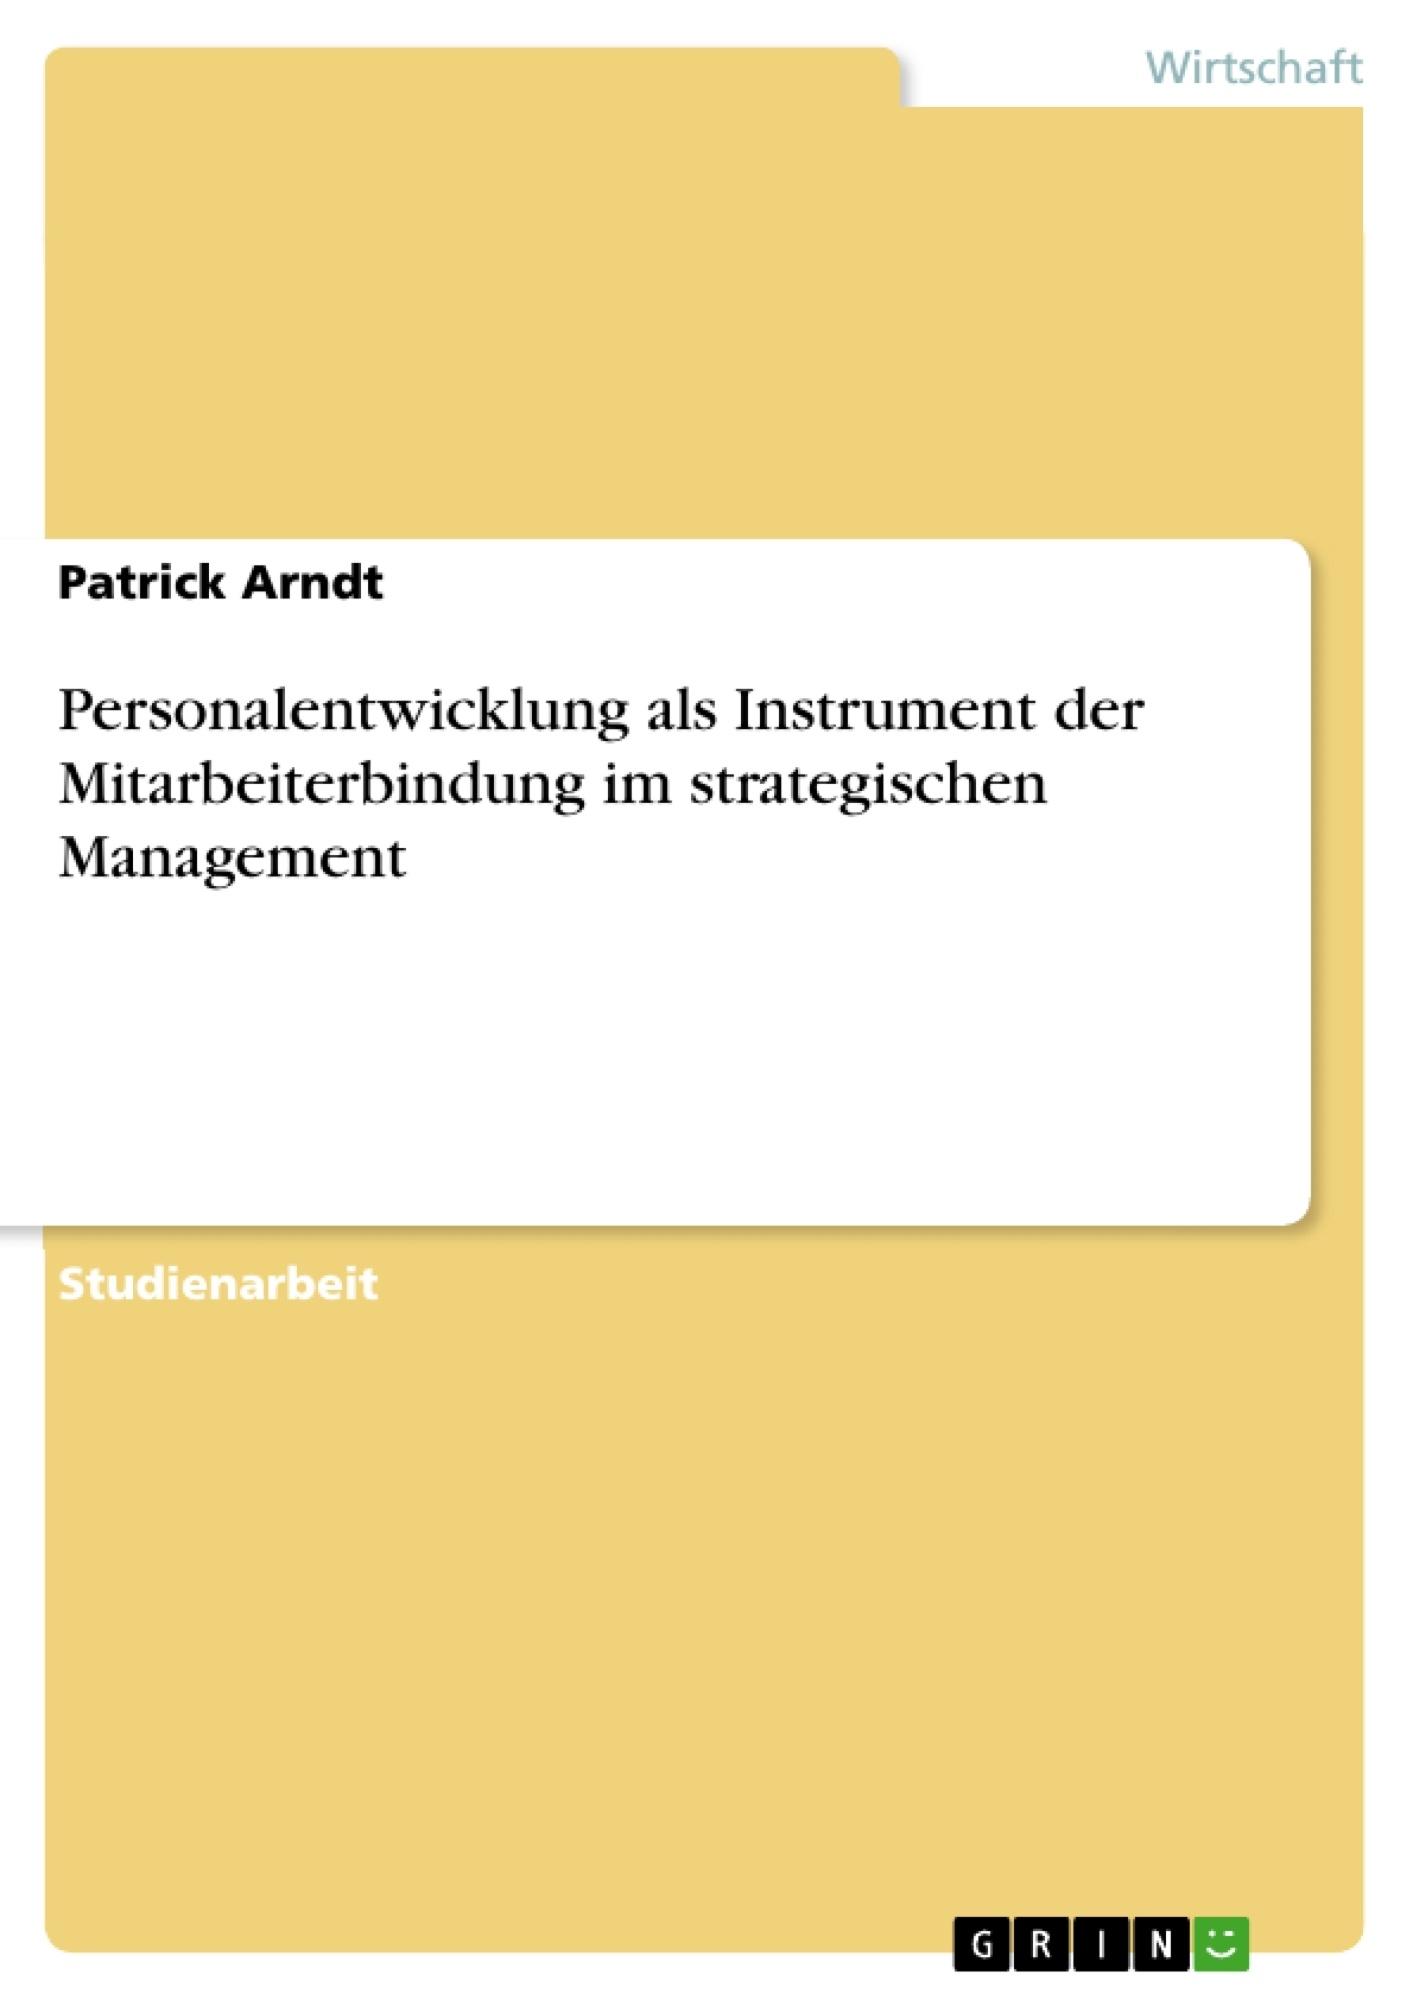 Titel: Personalentwicklung als Instrument der Mitarbeiterbindung im strategischen Management